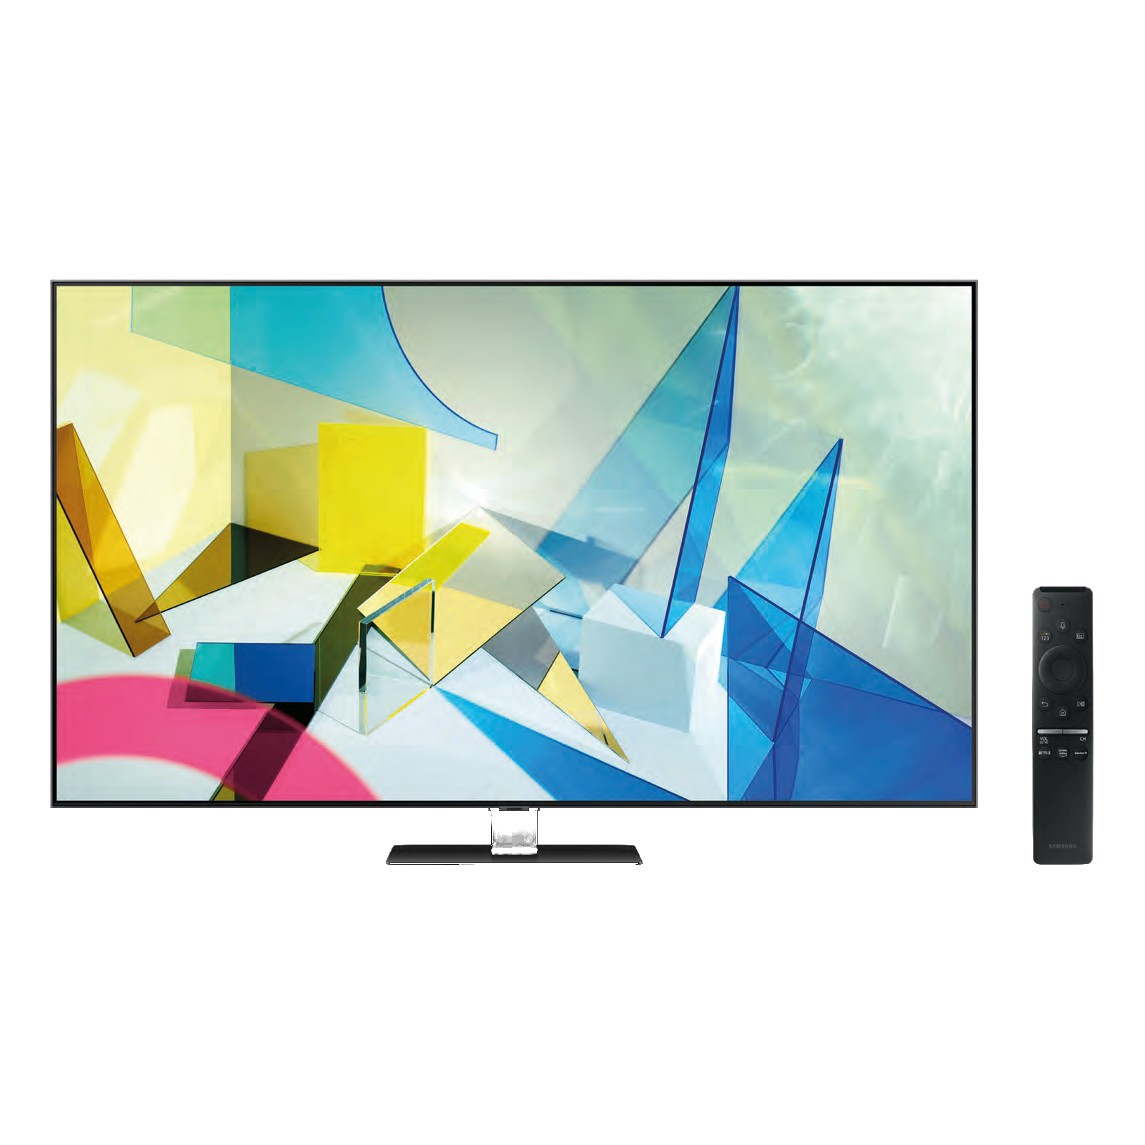 Tv 55 Samsung Qe55q80t Dual Led Hdr 10+ 1500